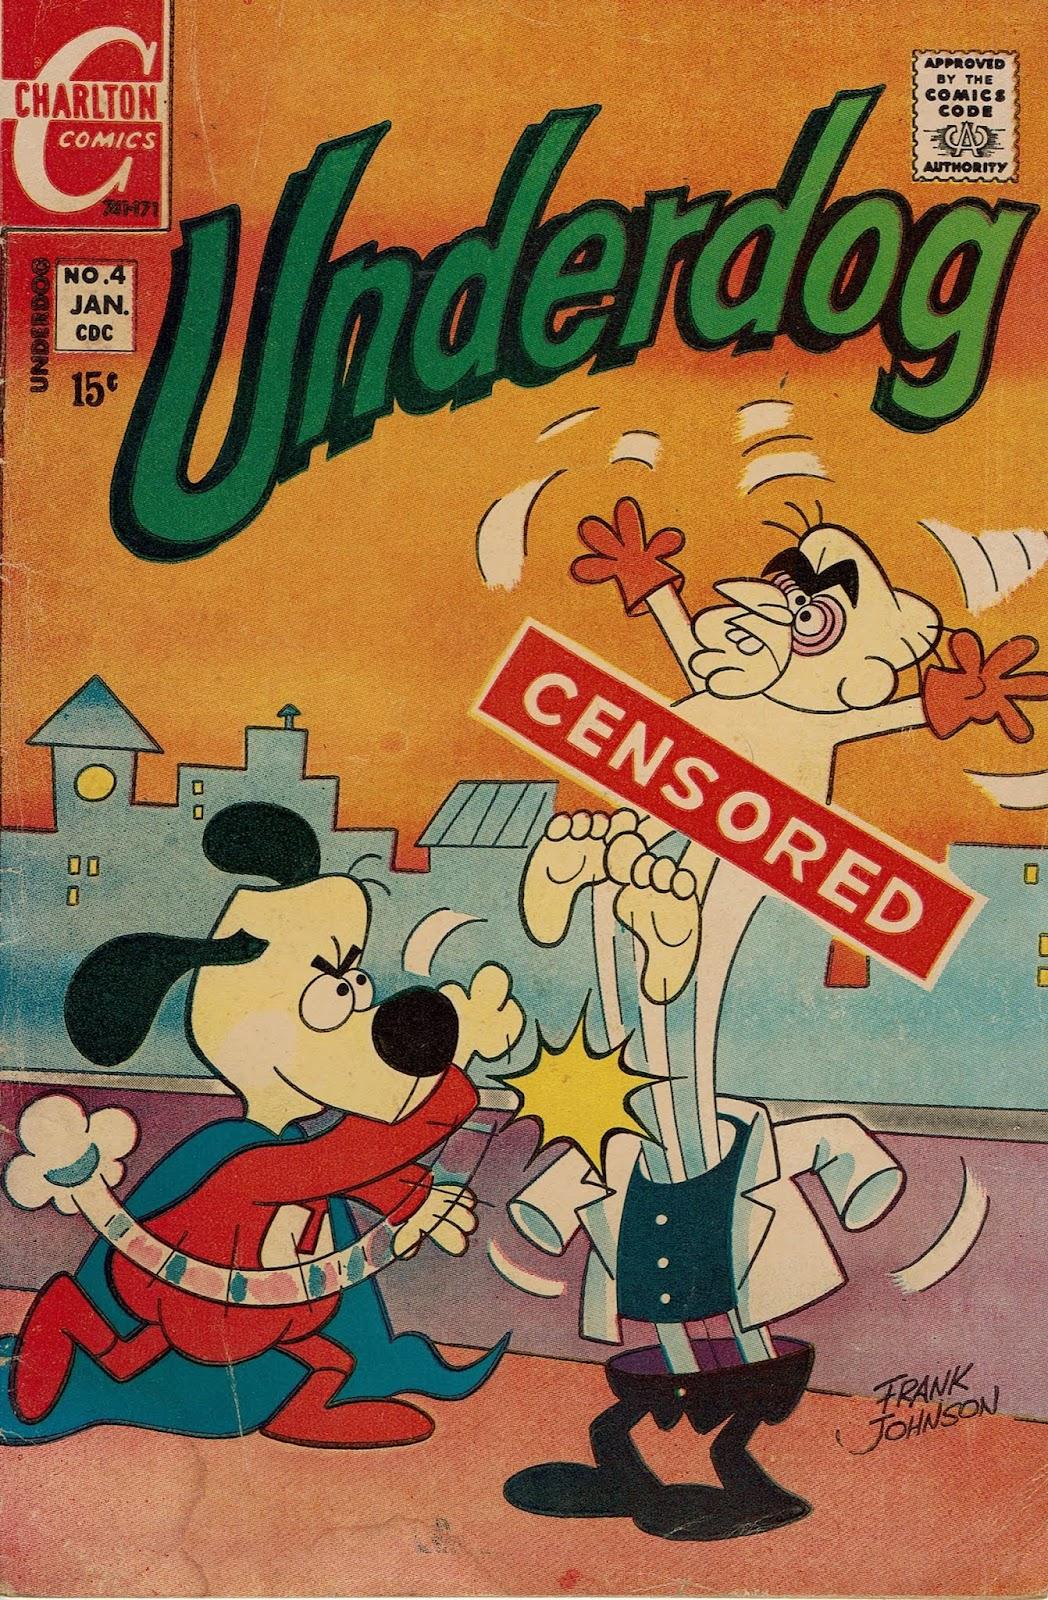 Underdog (1970) issue 4 - Page 1